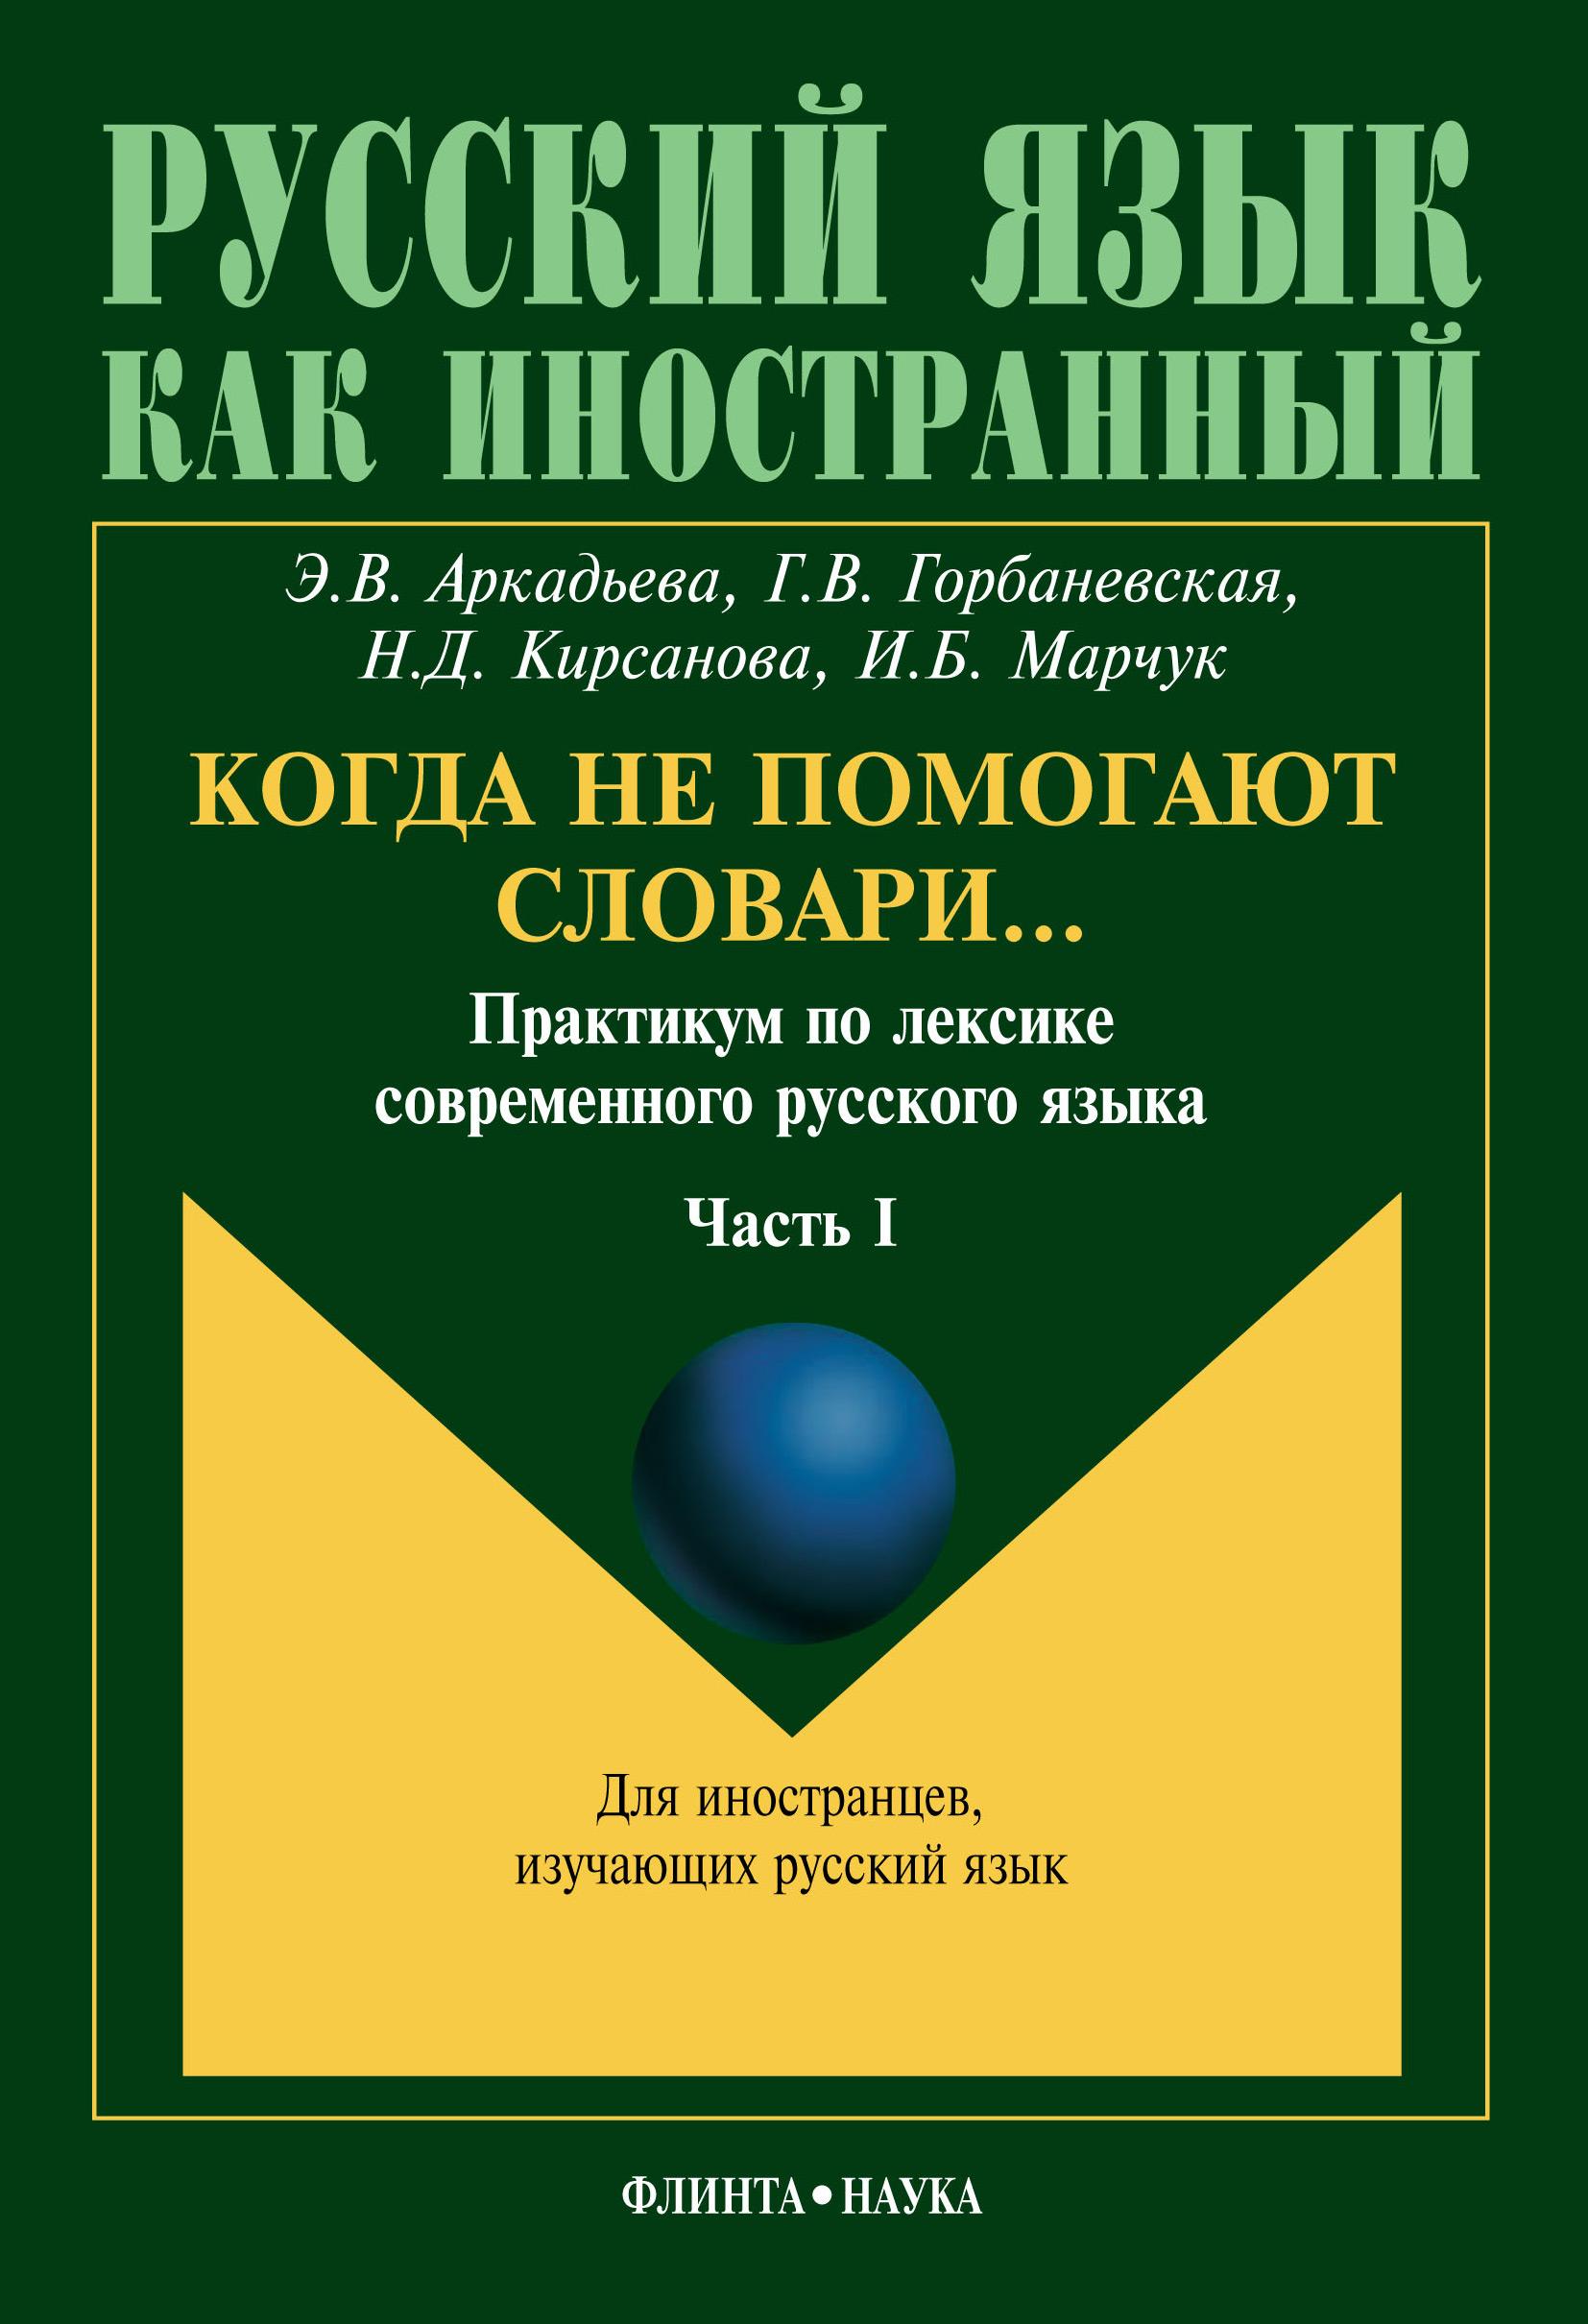 Когда не помогают словари… Практикум по лексике современного русского языка. Часть I